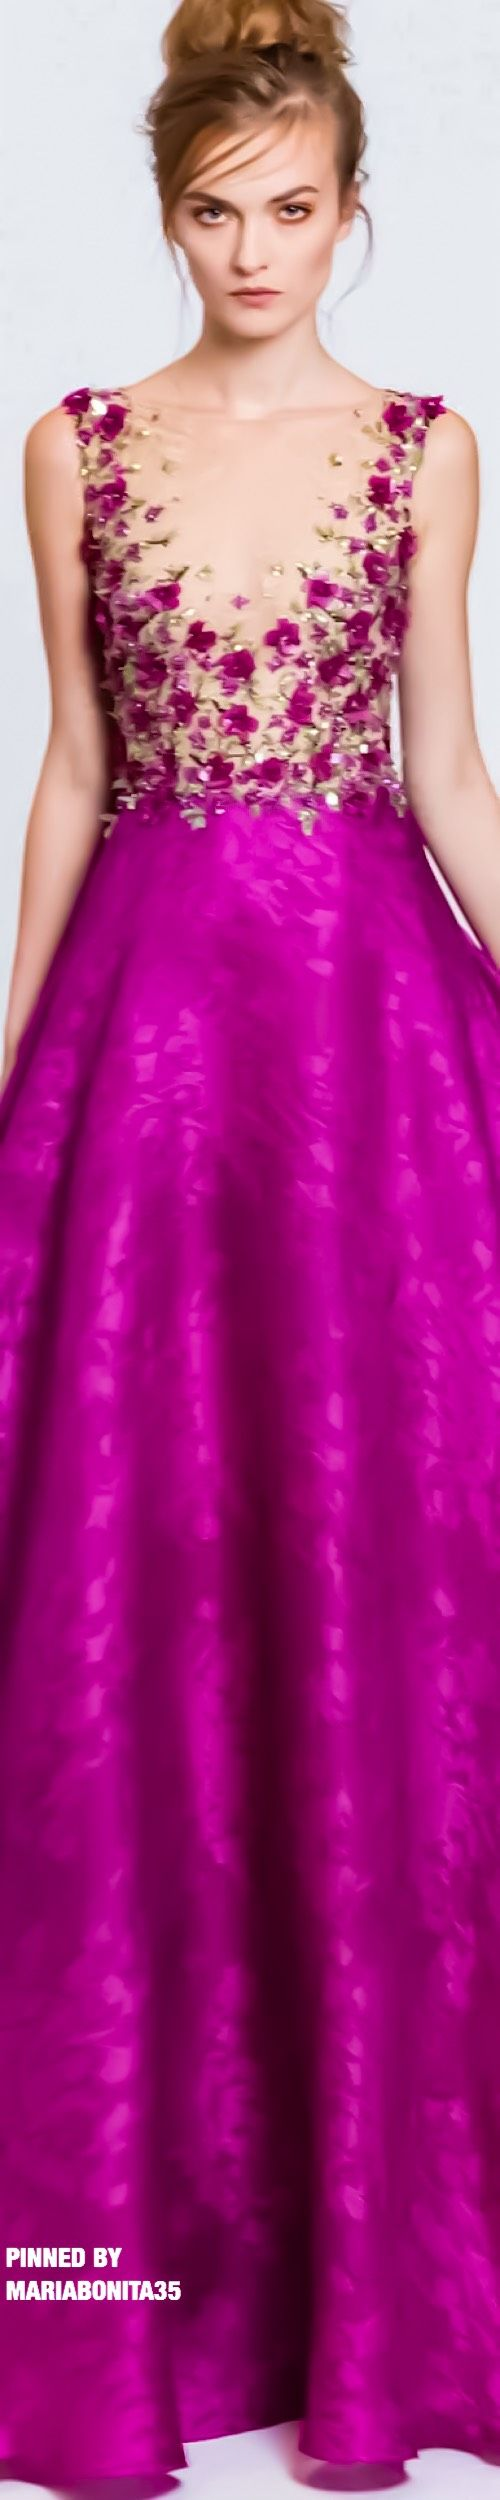 Mejores 15 imágenes de vestidos bordados en Pinterest   Vestido ...